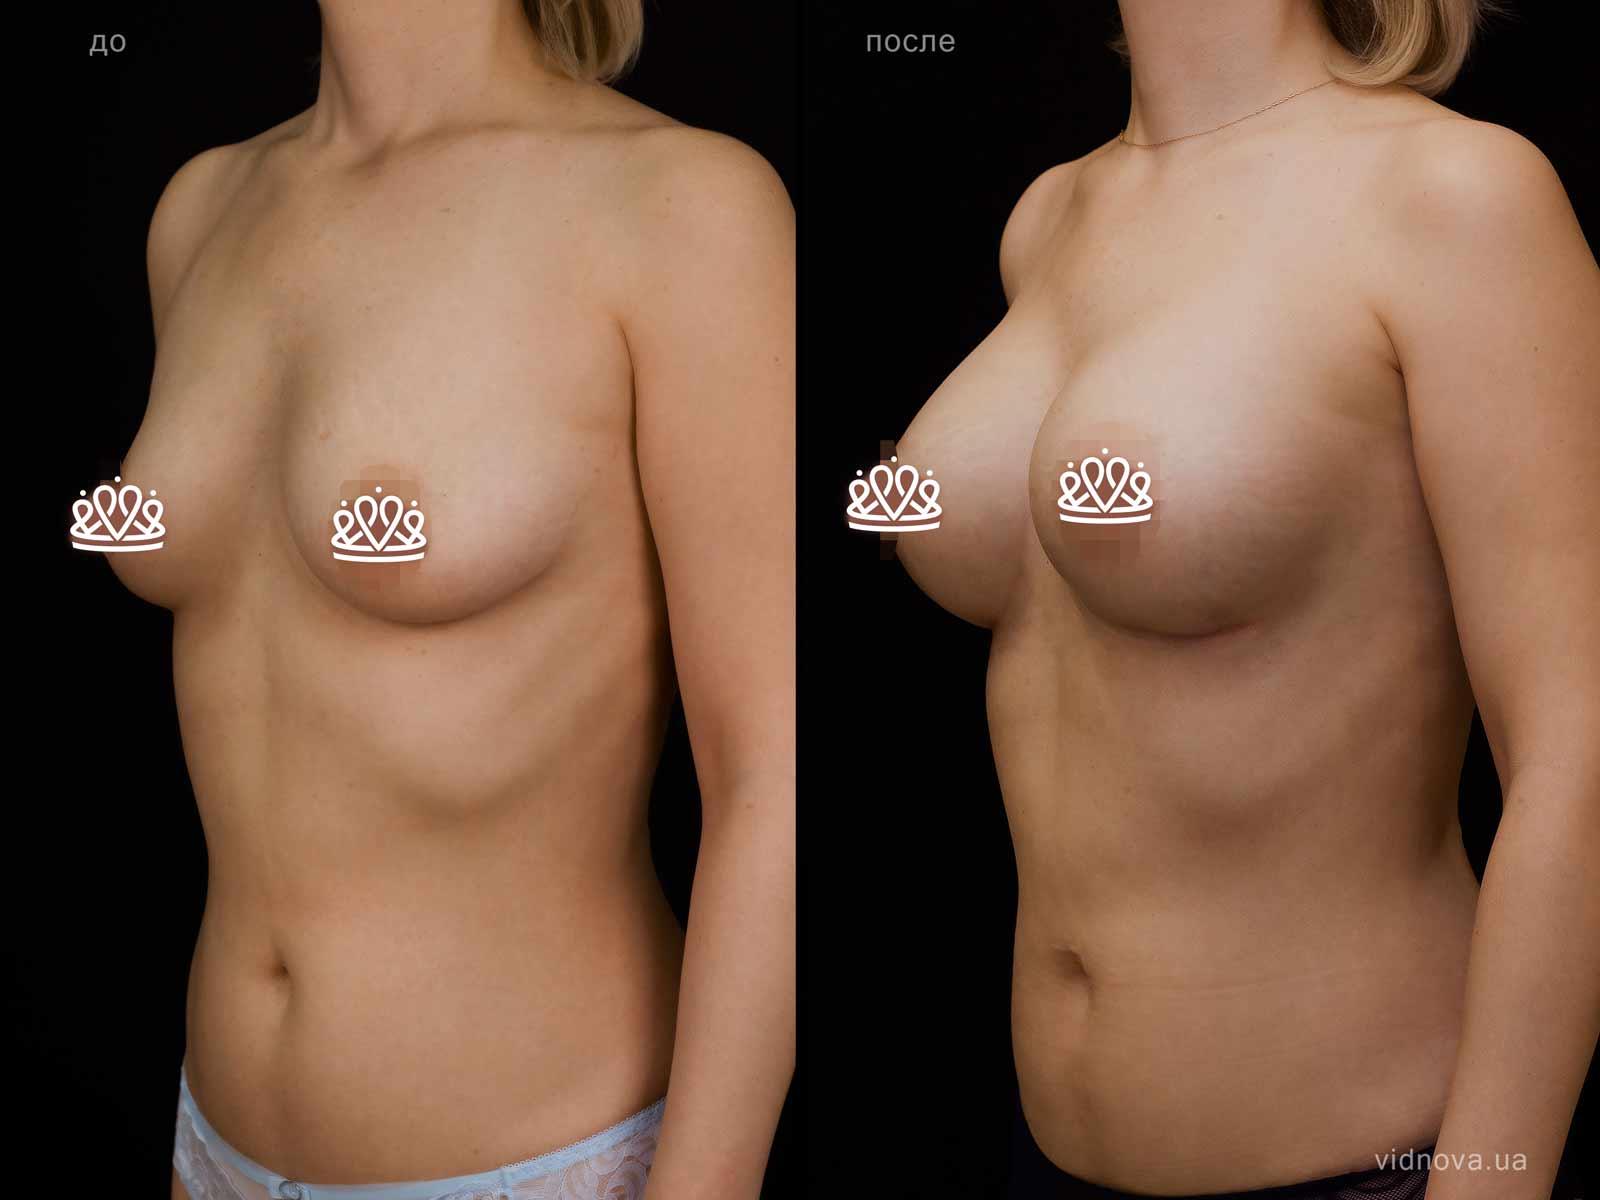 Пластика груди: результаты до и после - Пример №121-1 - Светлана Работенко